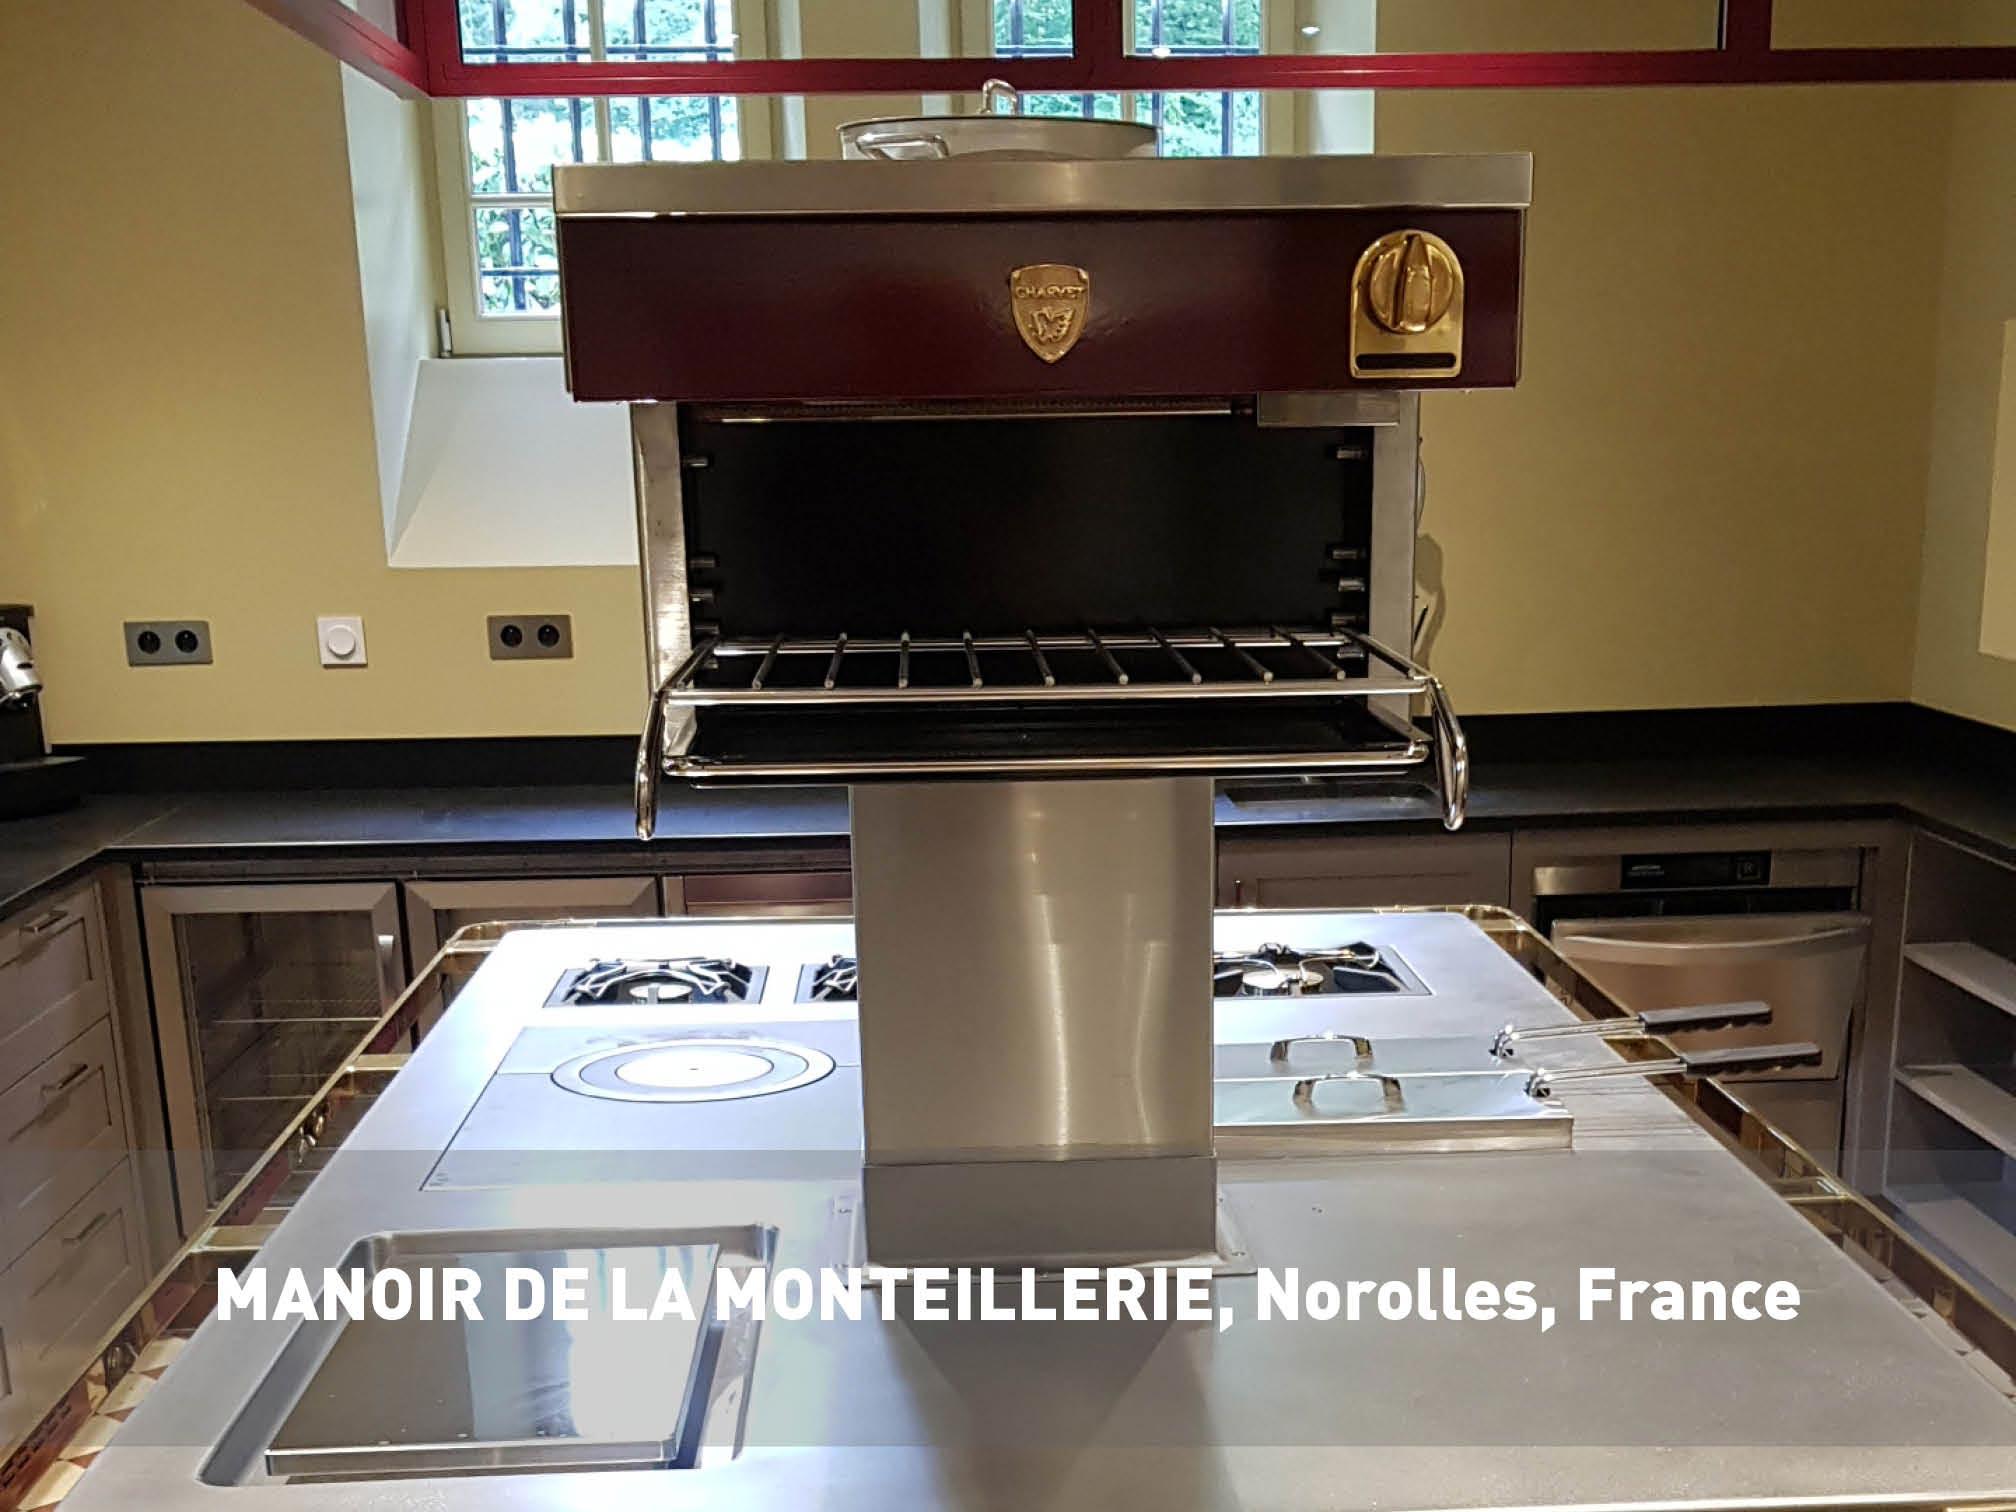 Manoir-de-la-monteillerie-France-1